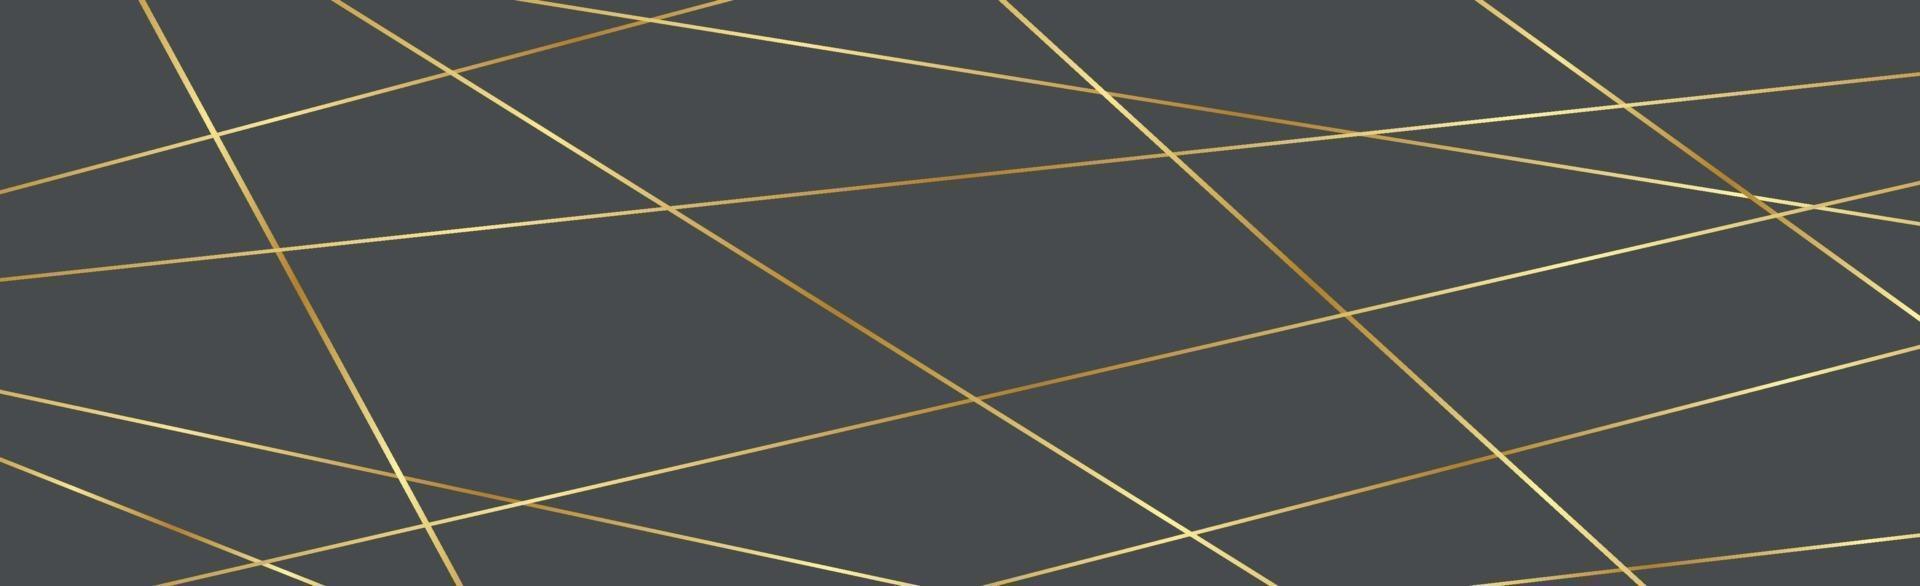 ljusa gyllene linjer på grå bakgrund - vektor